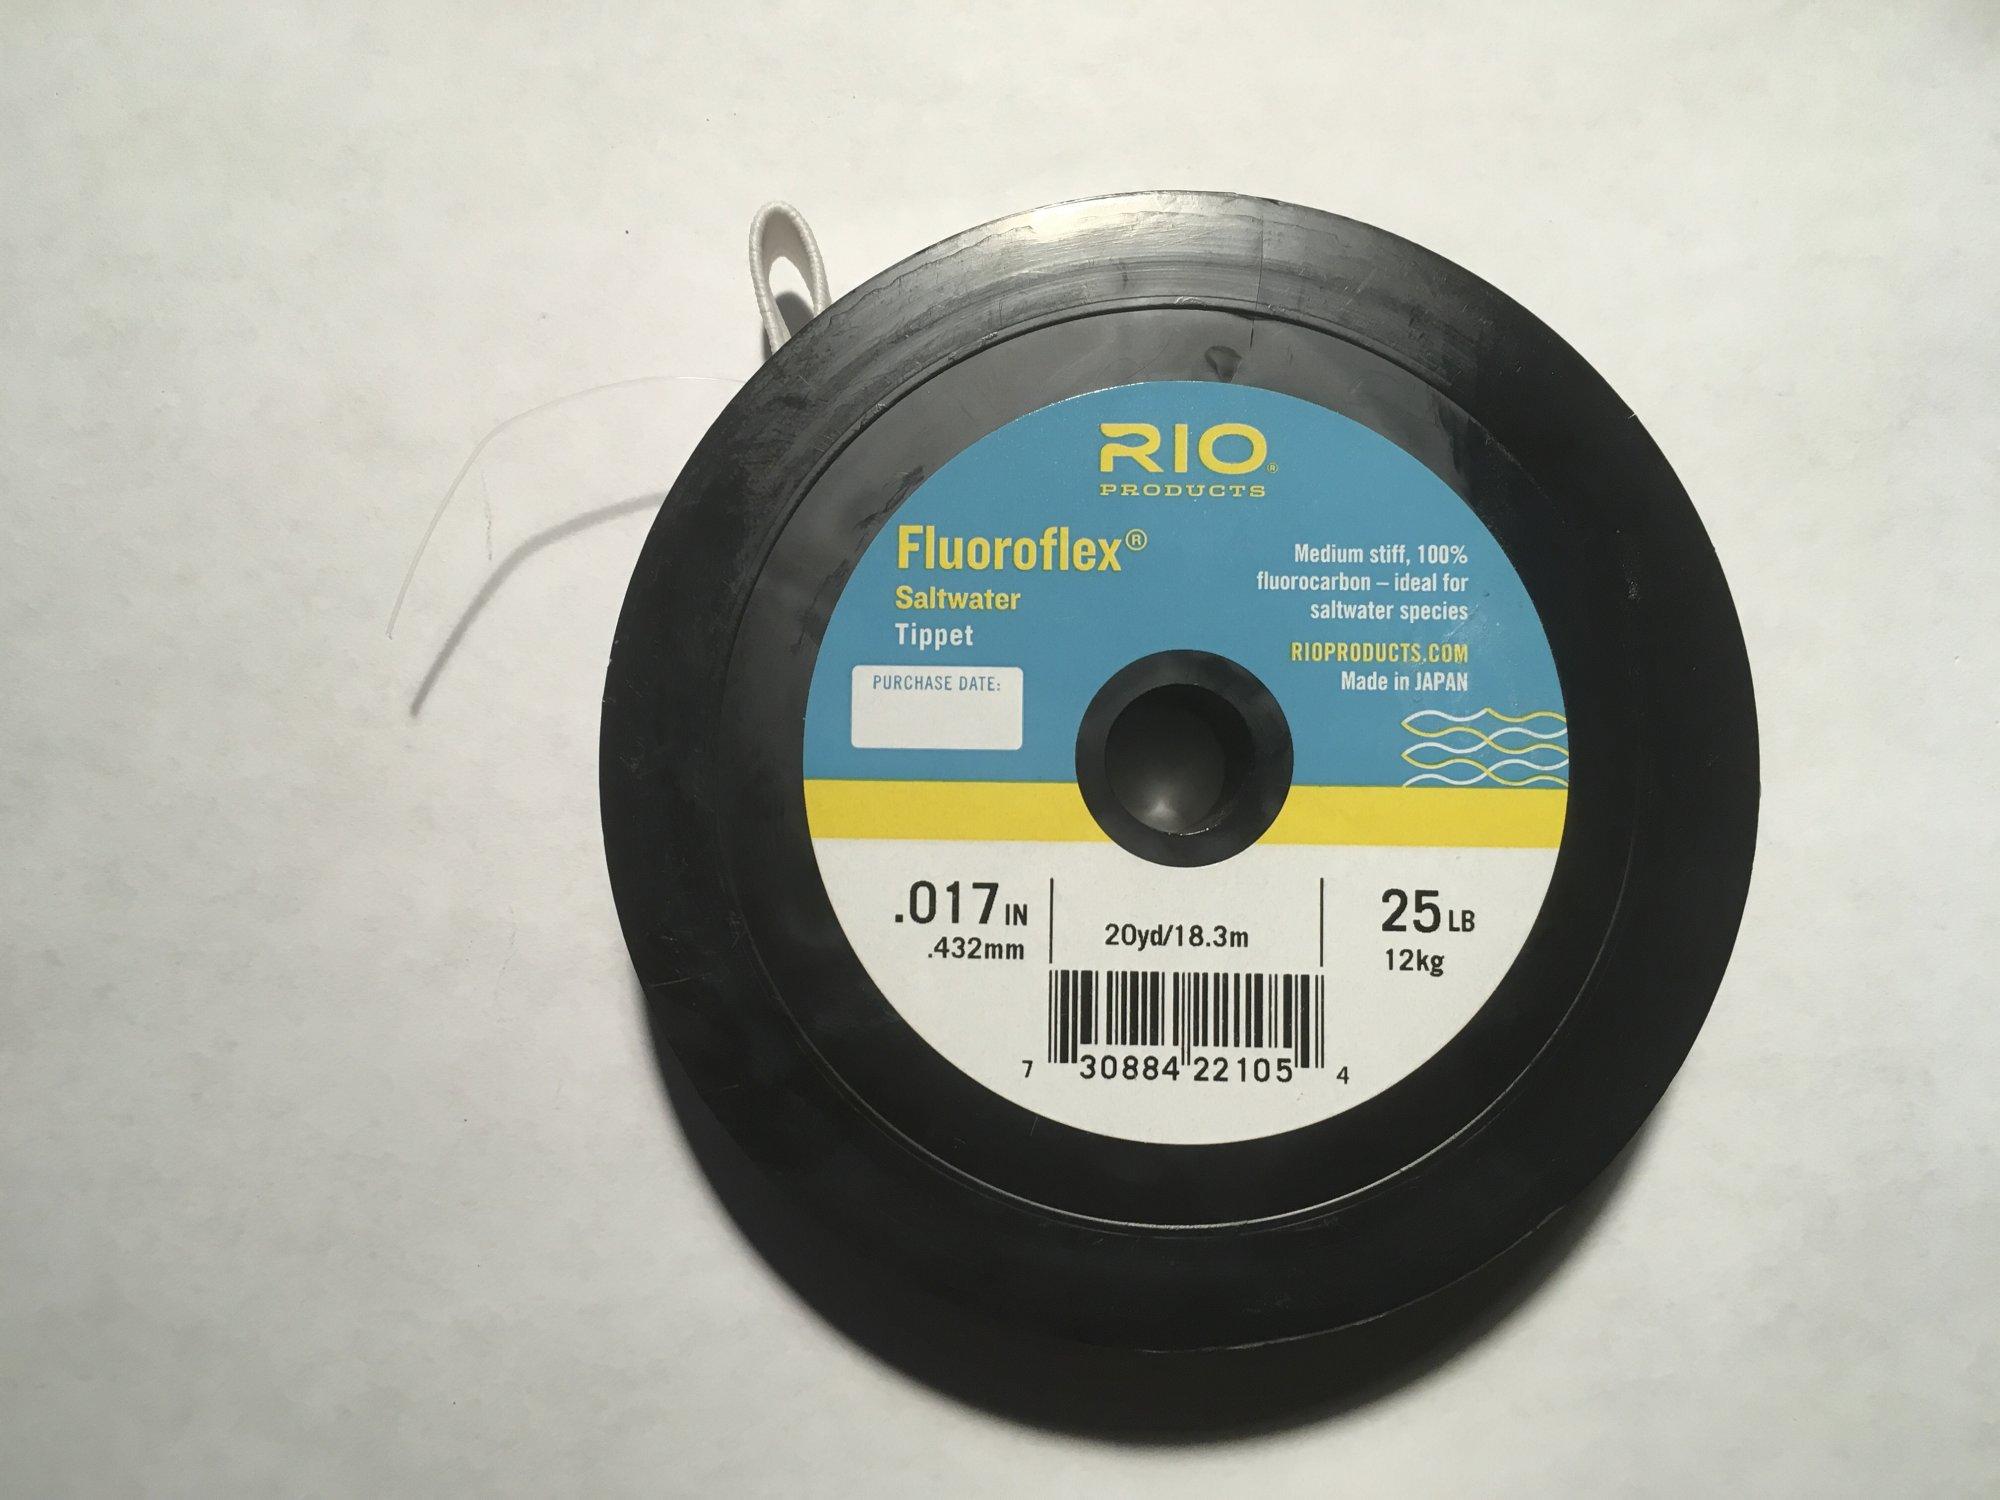 Flouroflex Saltwater Tippet   20 yds 25 lb